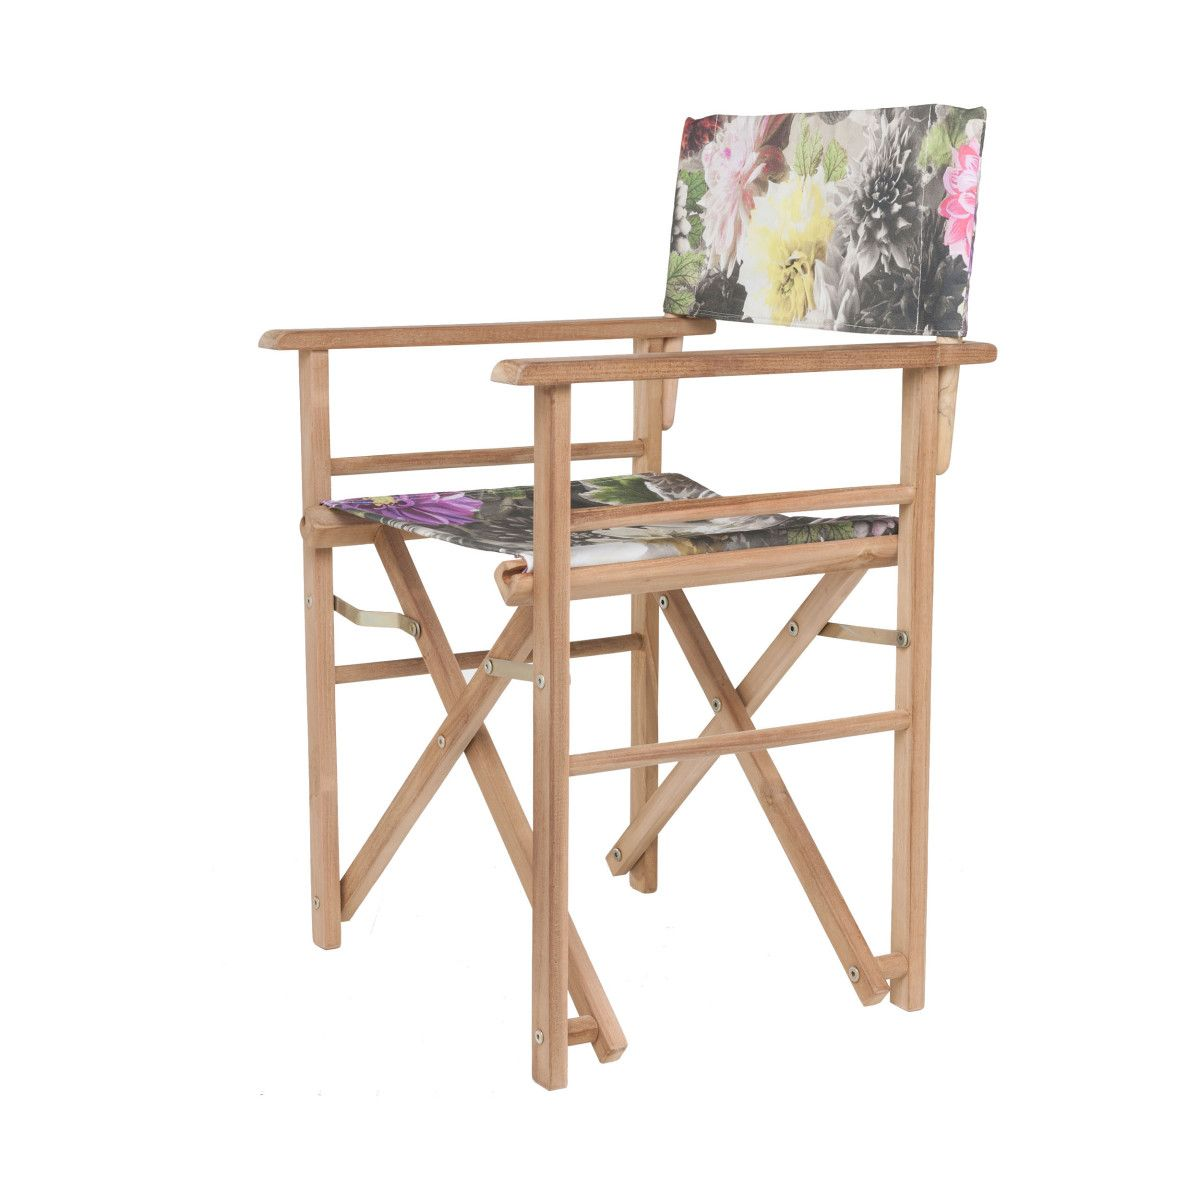 Maxx Holz Regiesessel Designers Guild Mariedal Peony Jetzt Bestellen Unter:  Https://moebel.ladendirekt.de/garten/gartenmoebel/gartenstuehle/?uidu003d5479e653   ...